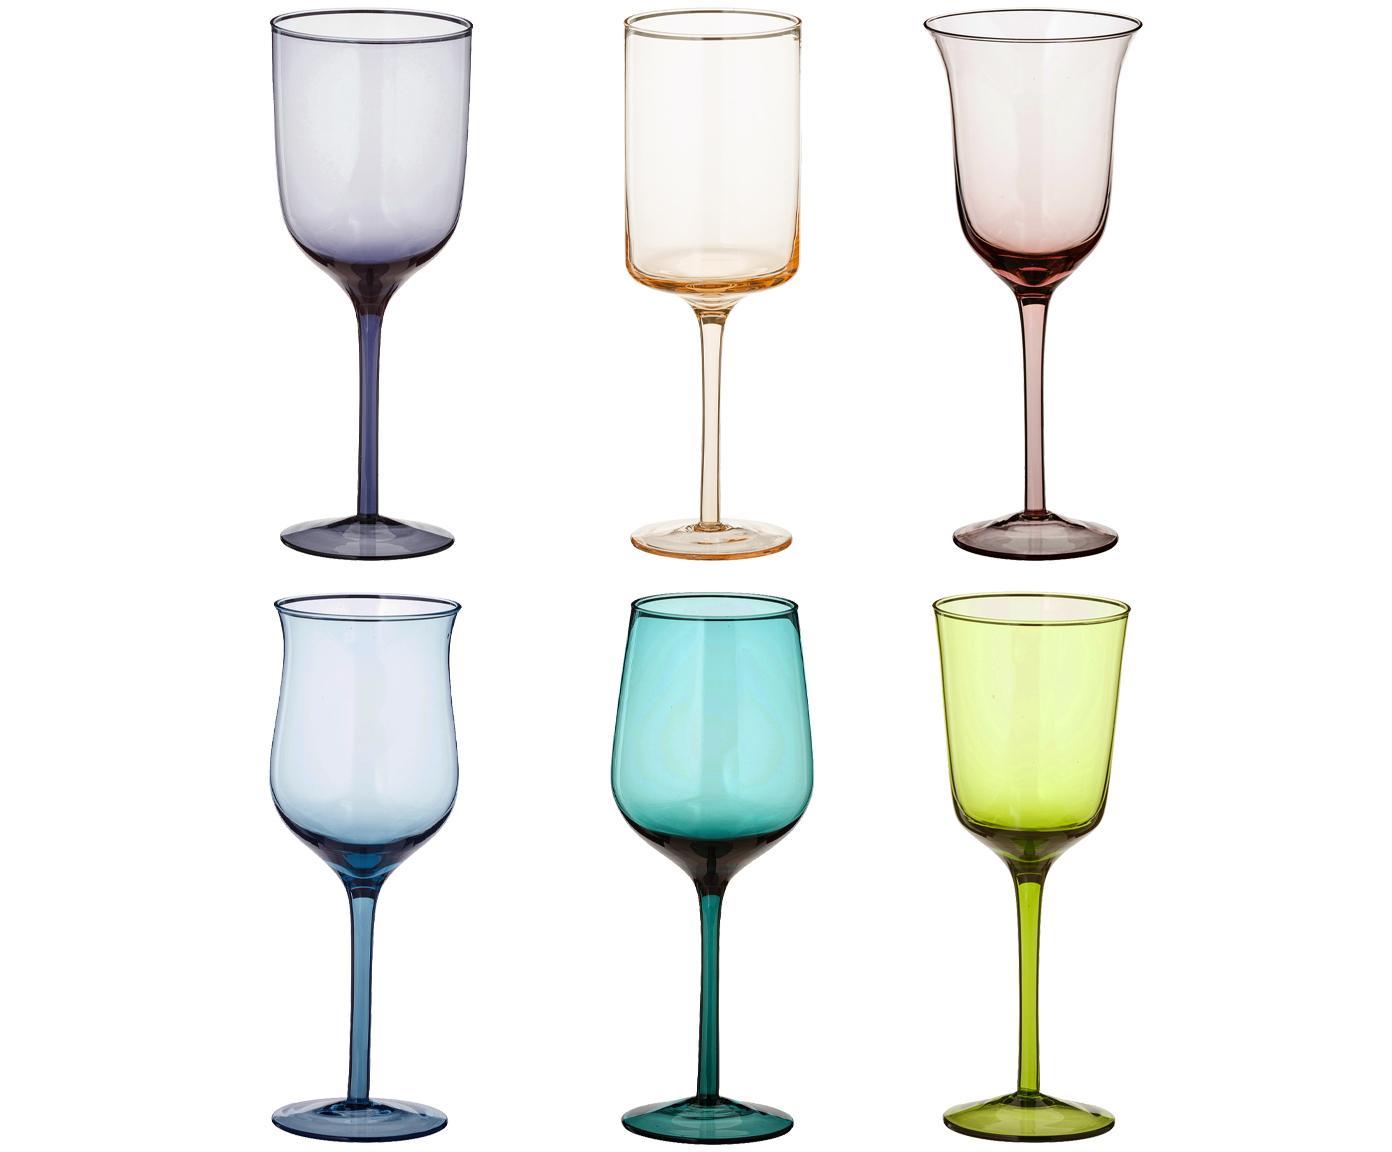 Komplet kieliszków do wina Desigual, 6elem., Szkło, Wielobarwny, W 24 cm